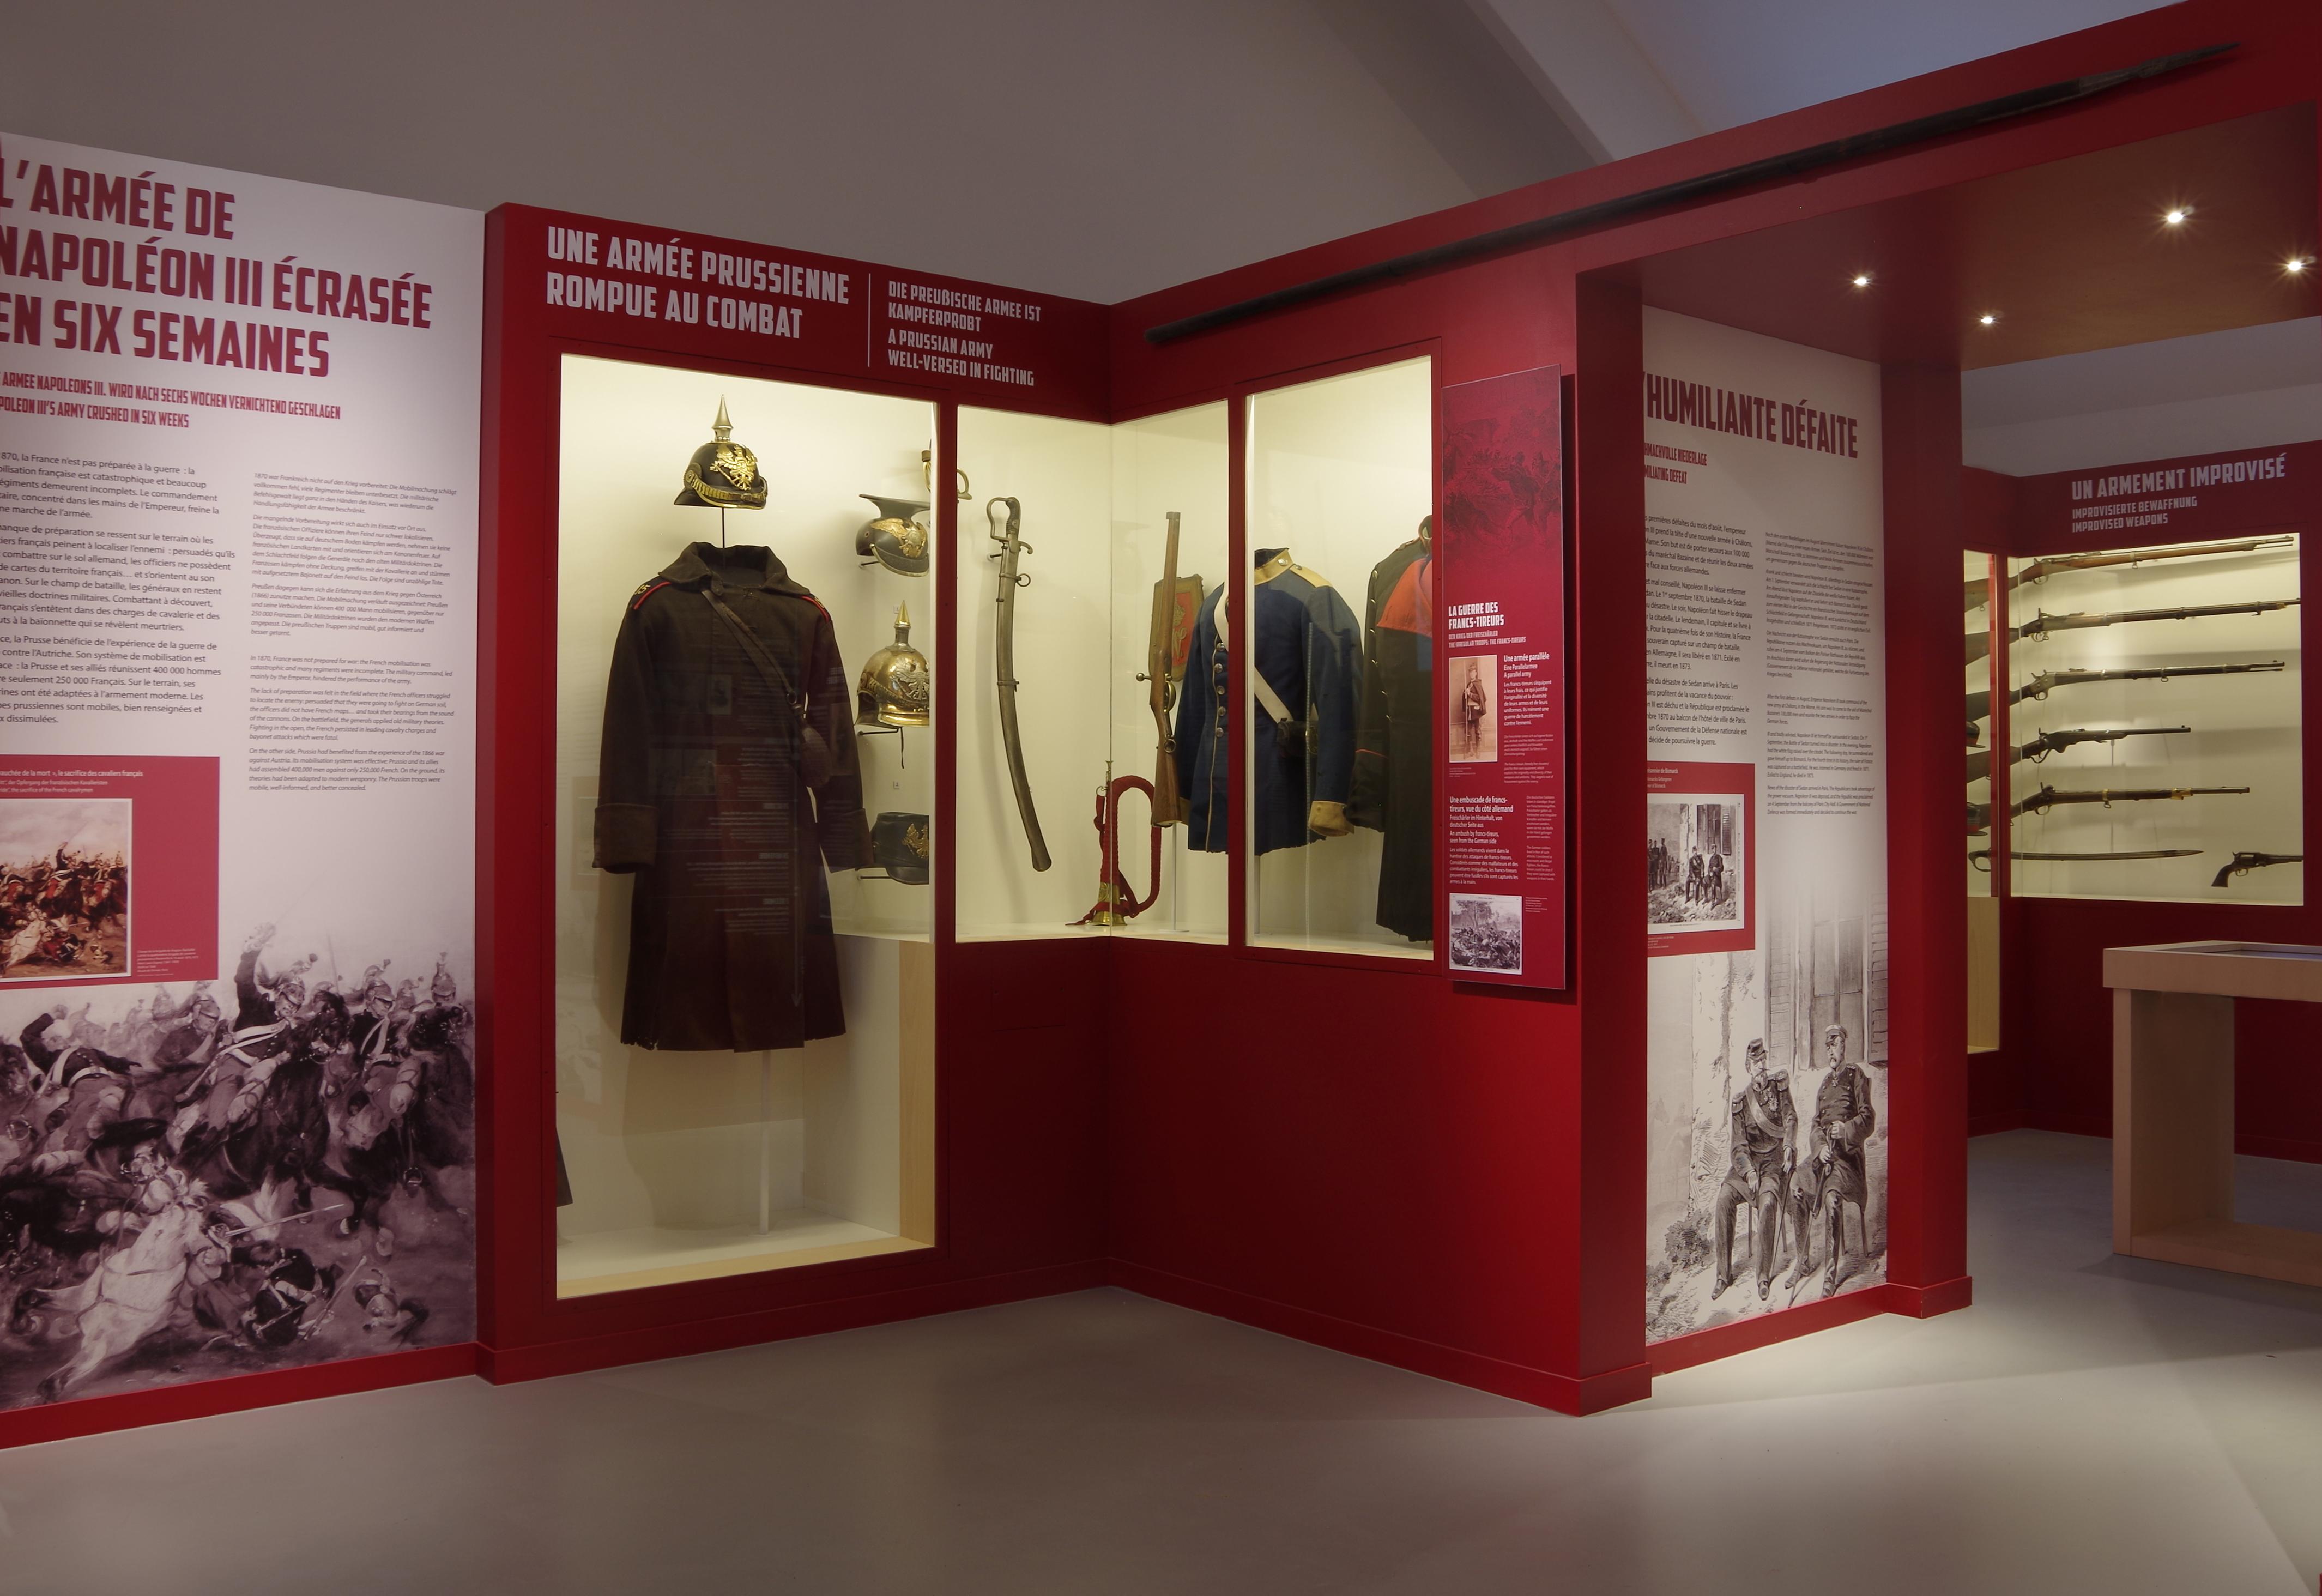 Musée de la guerre de 1870 - Loigny-la-Bataille - Musée de la guerre de 1870 - Loigny-la-Bataille